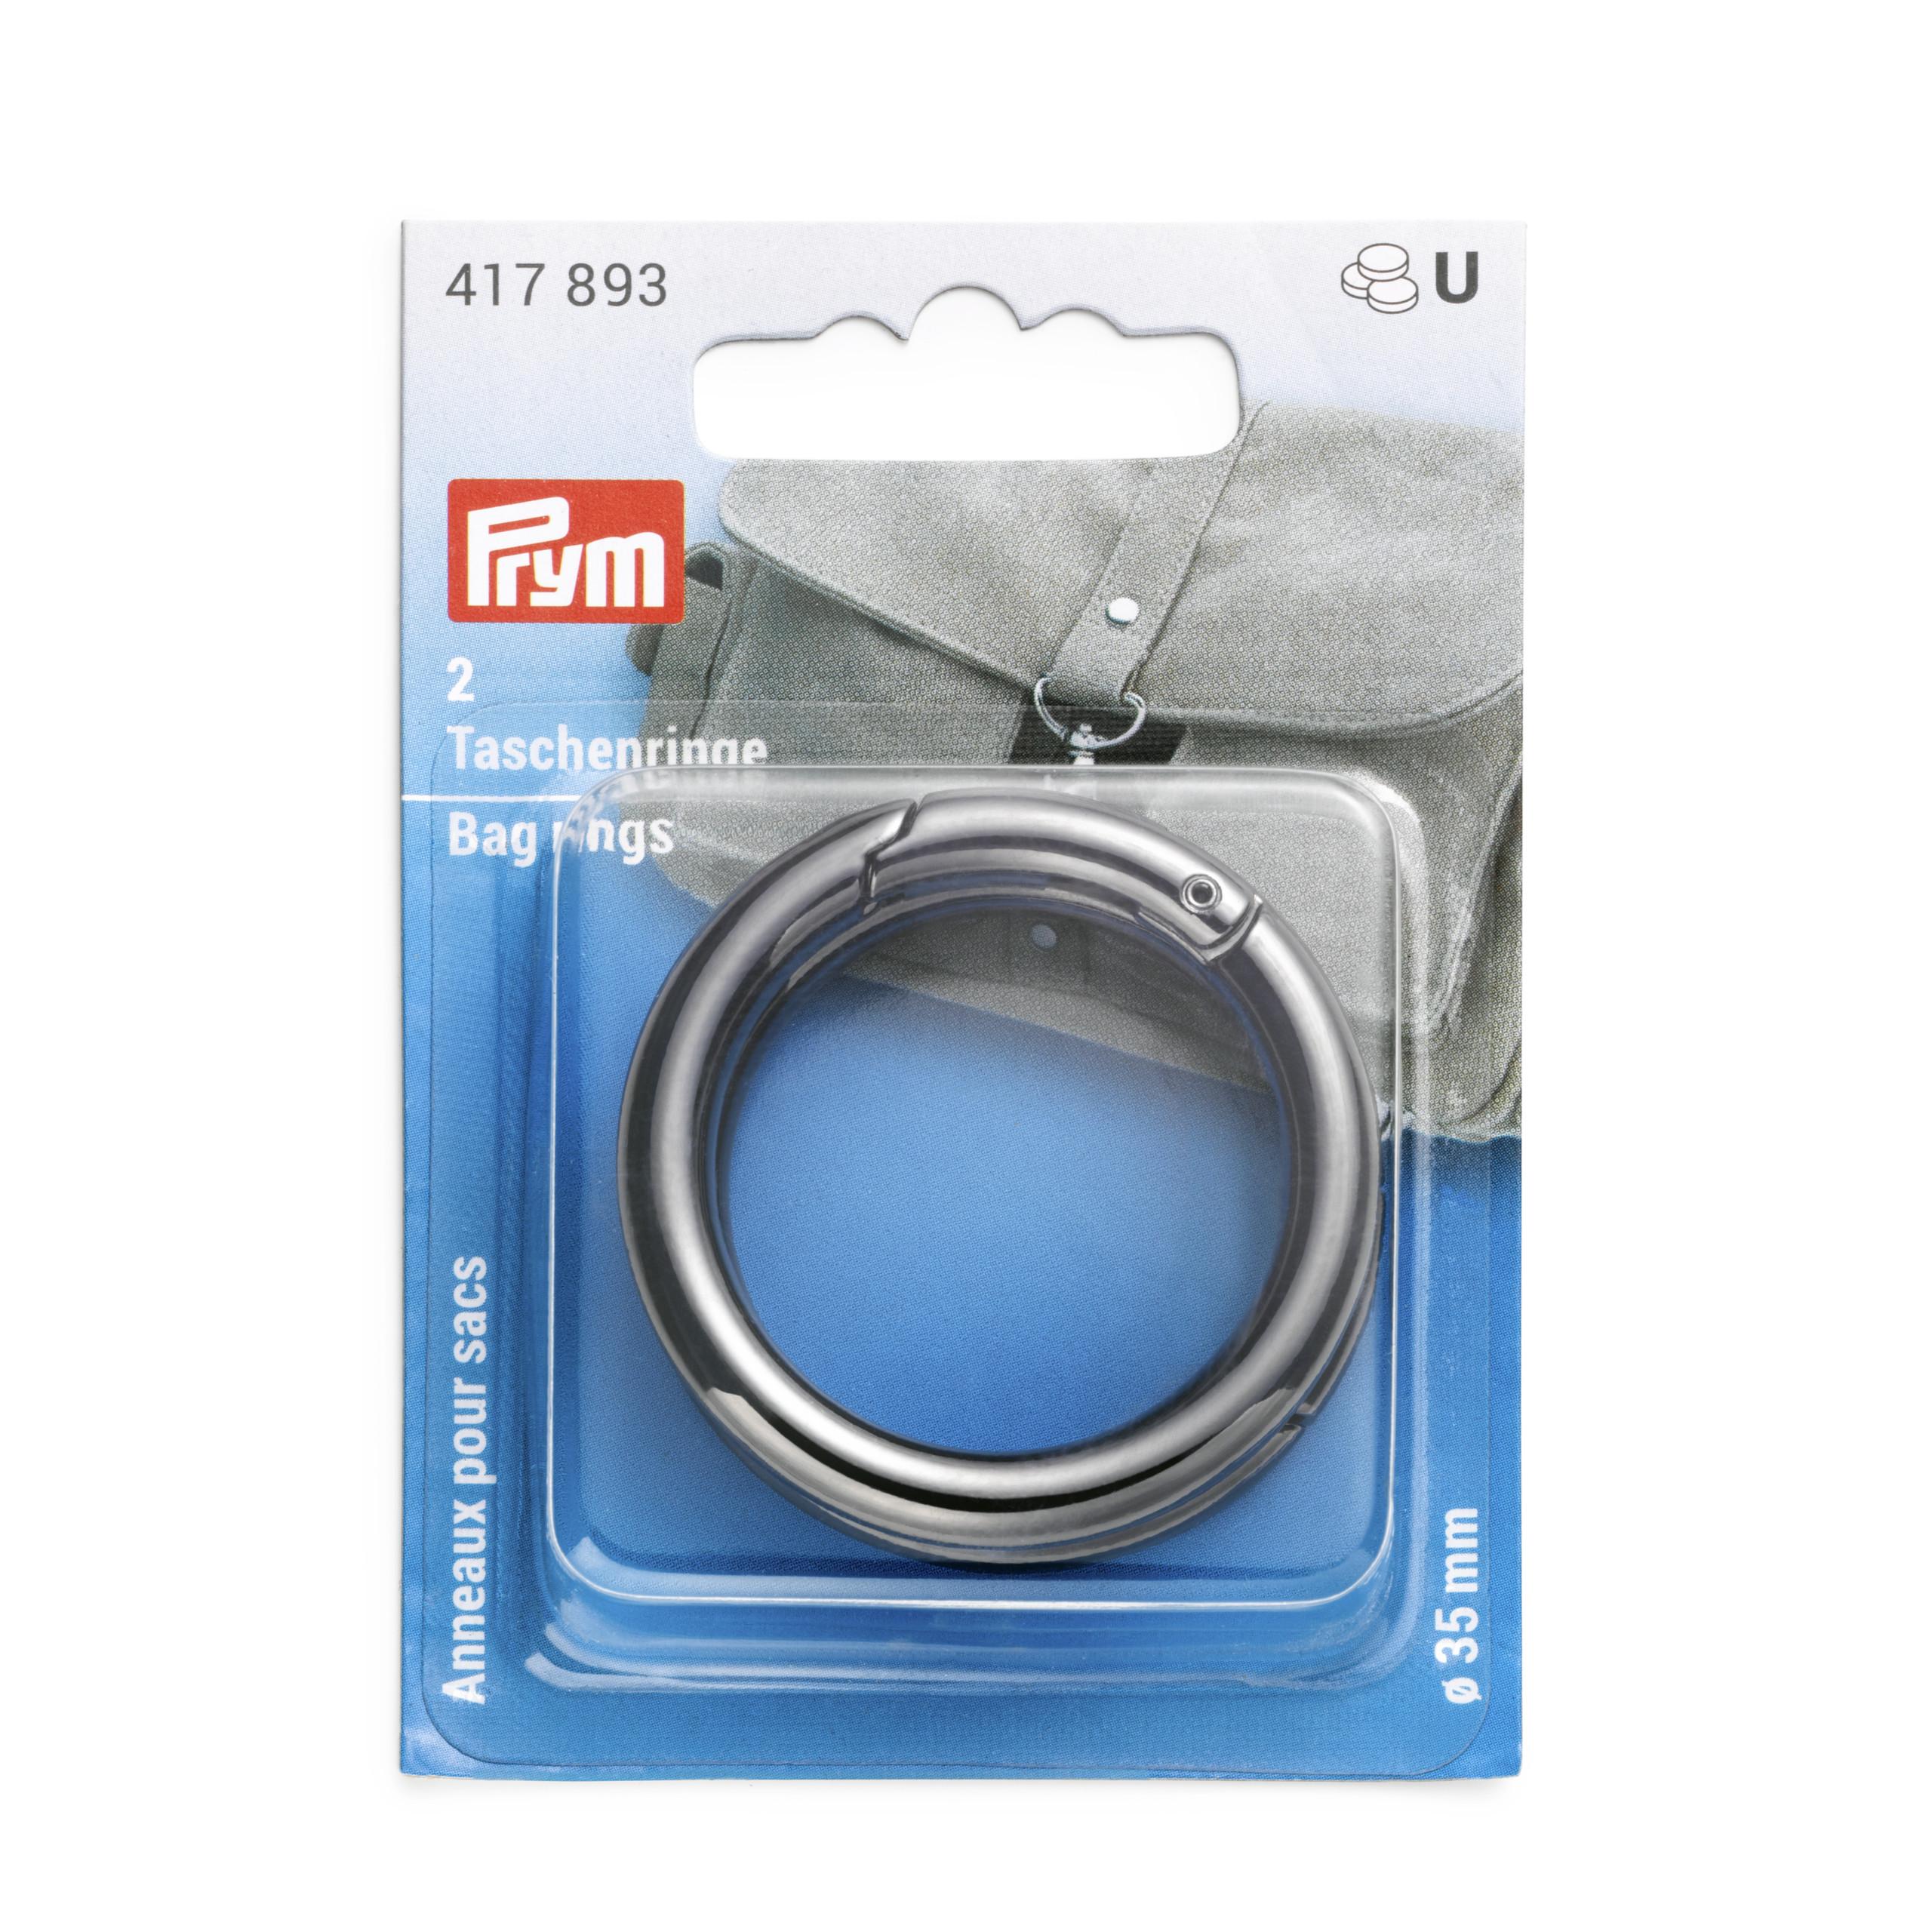 Prym 417893 Taschenringe 35mm